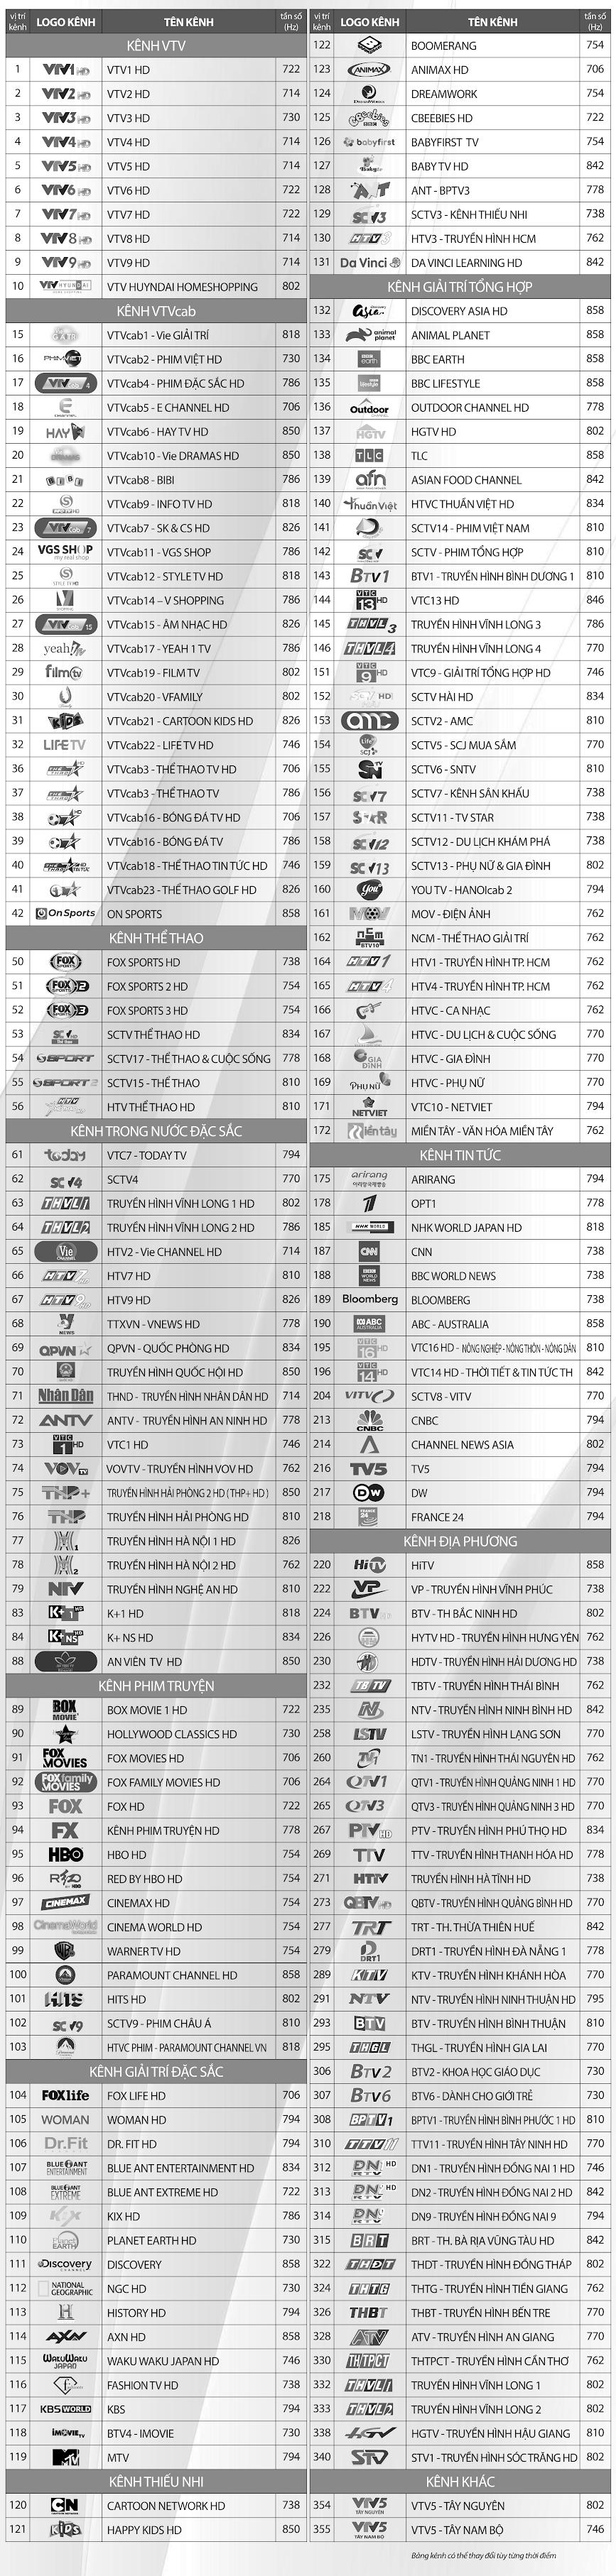 Danh sách kênh trên hệ thống truyền hình số HD của VTVcab tại TPHCM